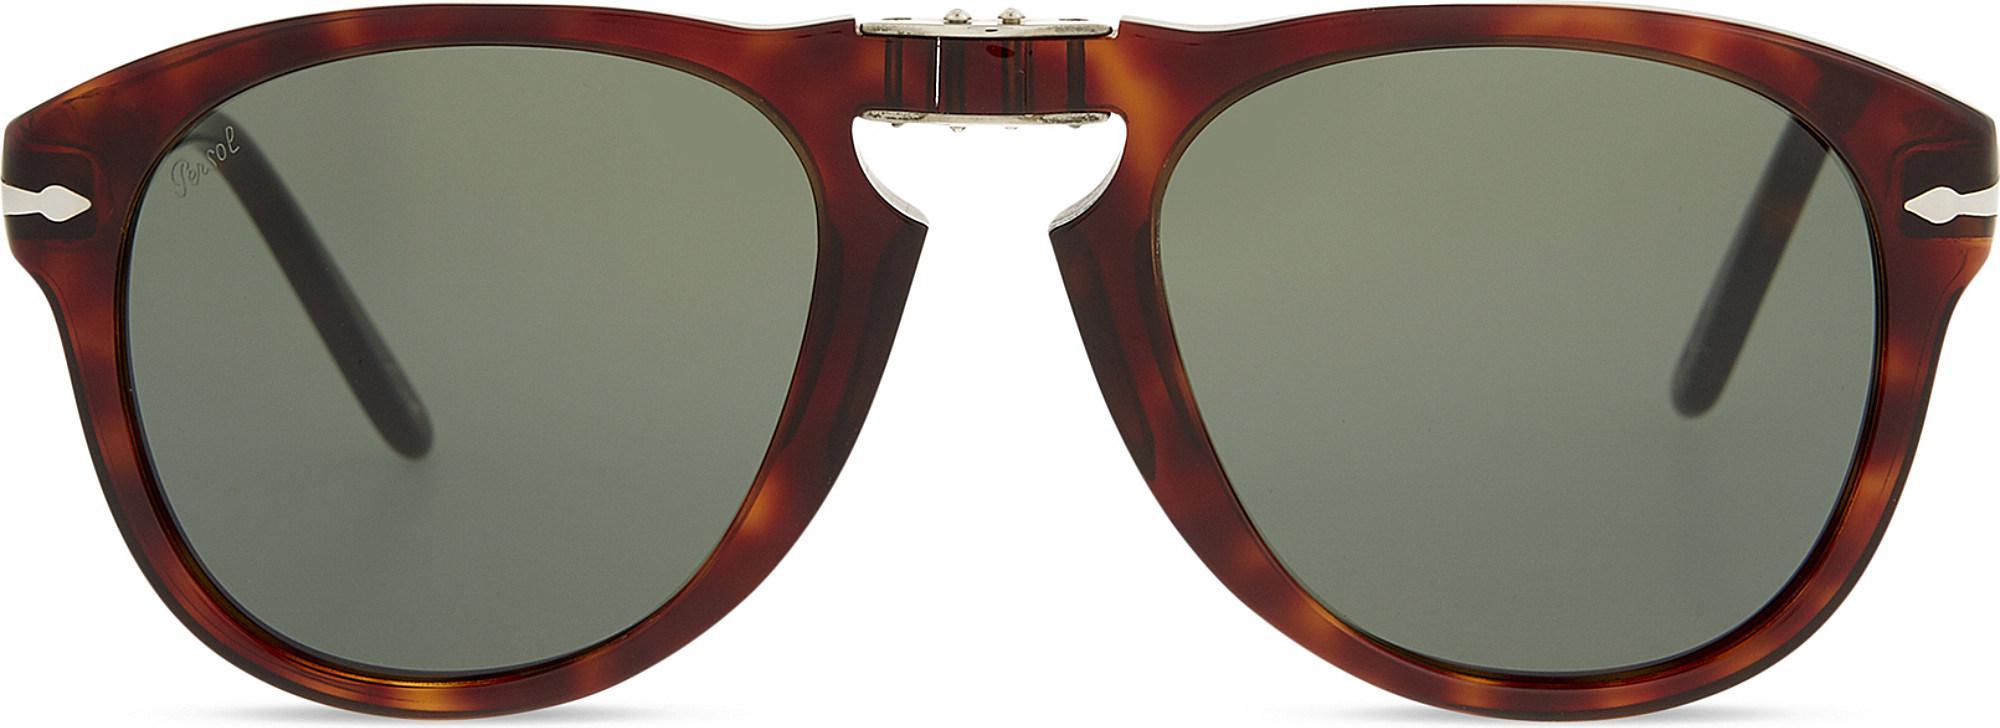 24c970e737a55 Lyst - Persol Po2431 Tortoiseshell Square-frame Sunglasses in Brown ...